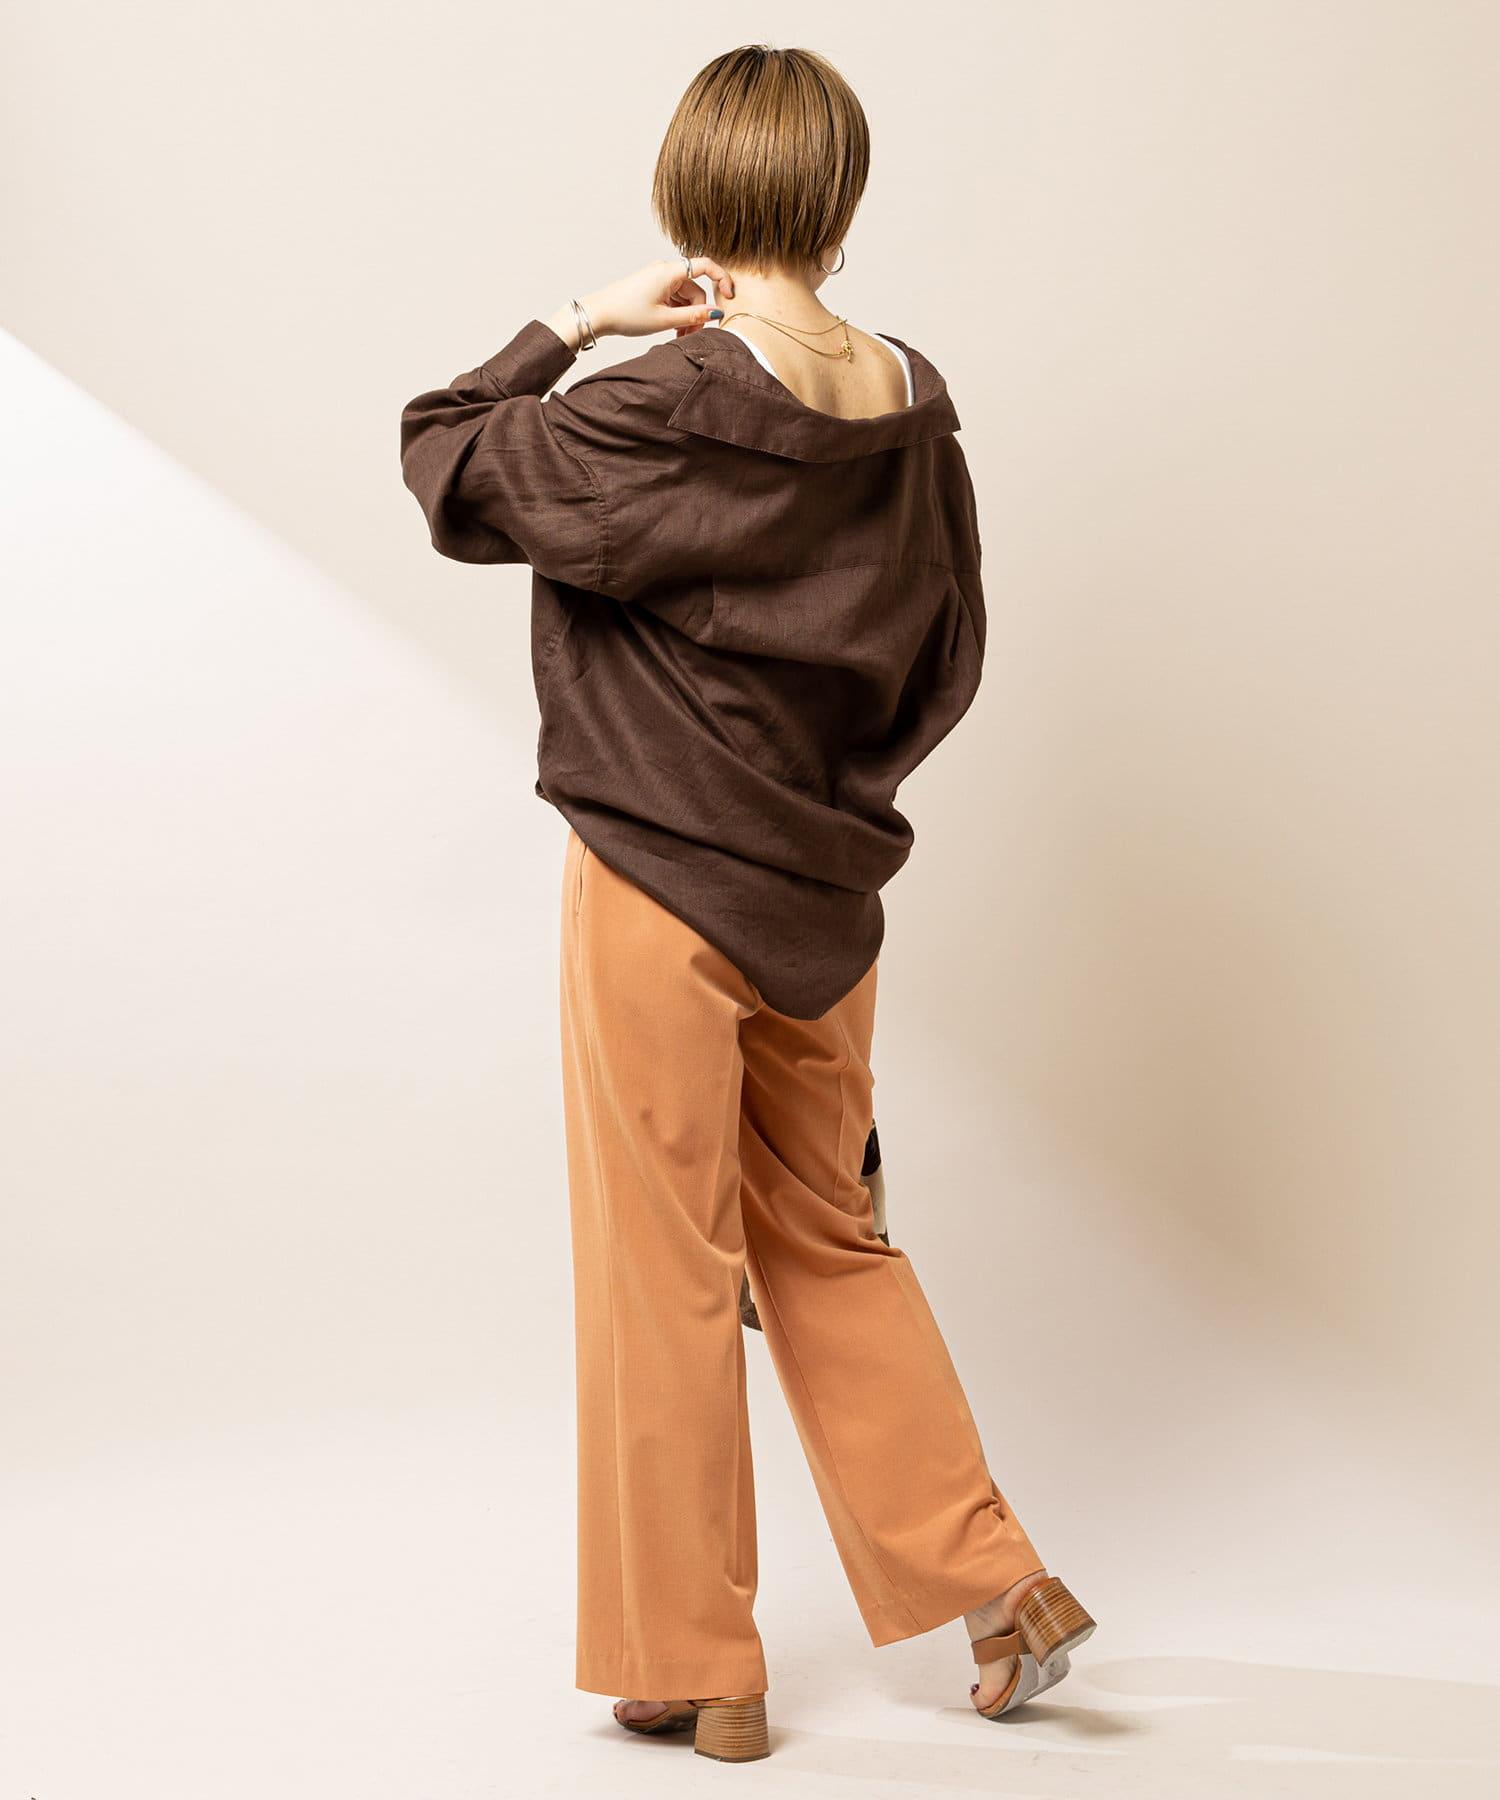 SHENERY(シーナリー) 2WAYリネンカシュクールオーバーシャツ